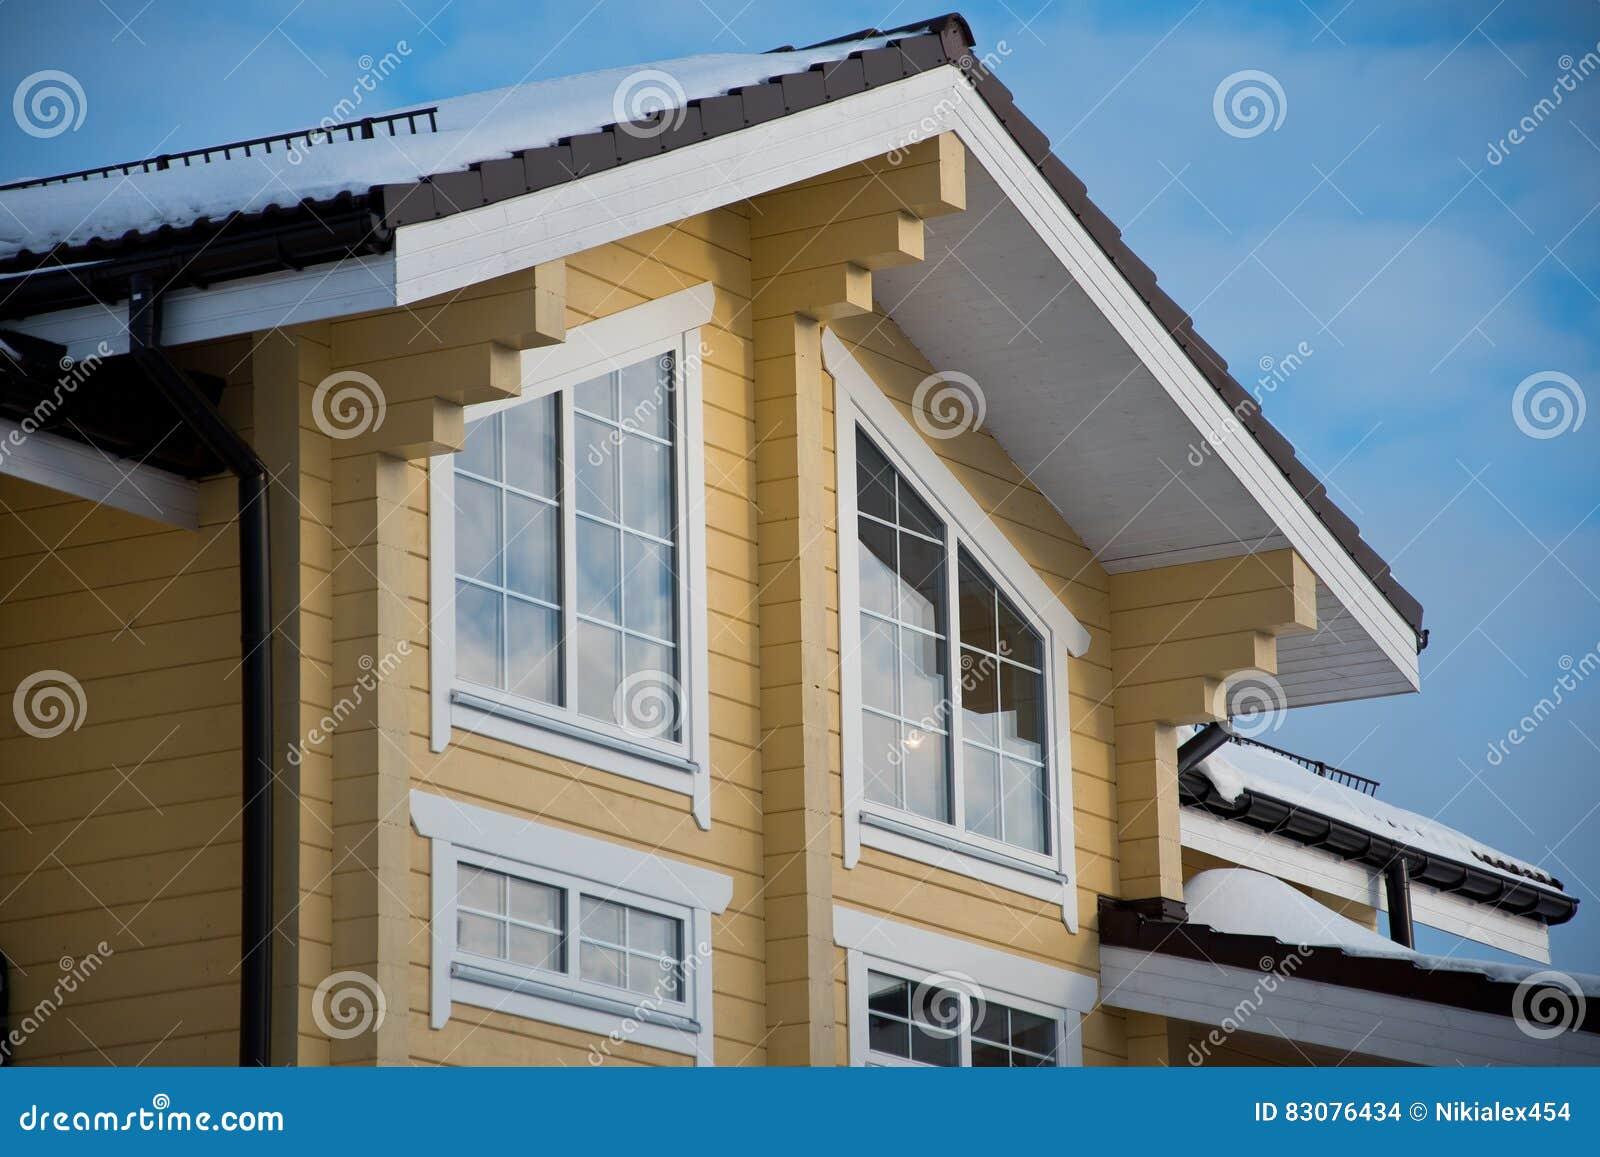 facciata e tetto di una casa di legno moderna fotografia